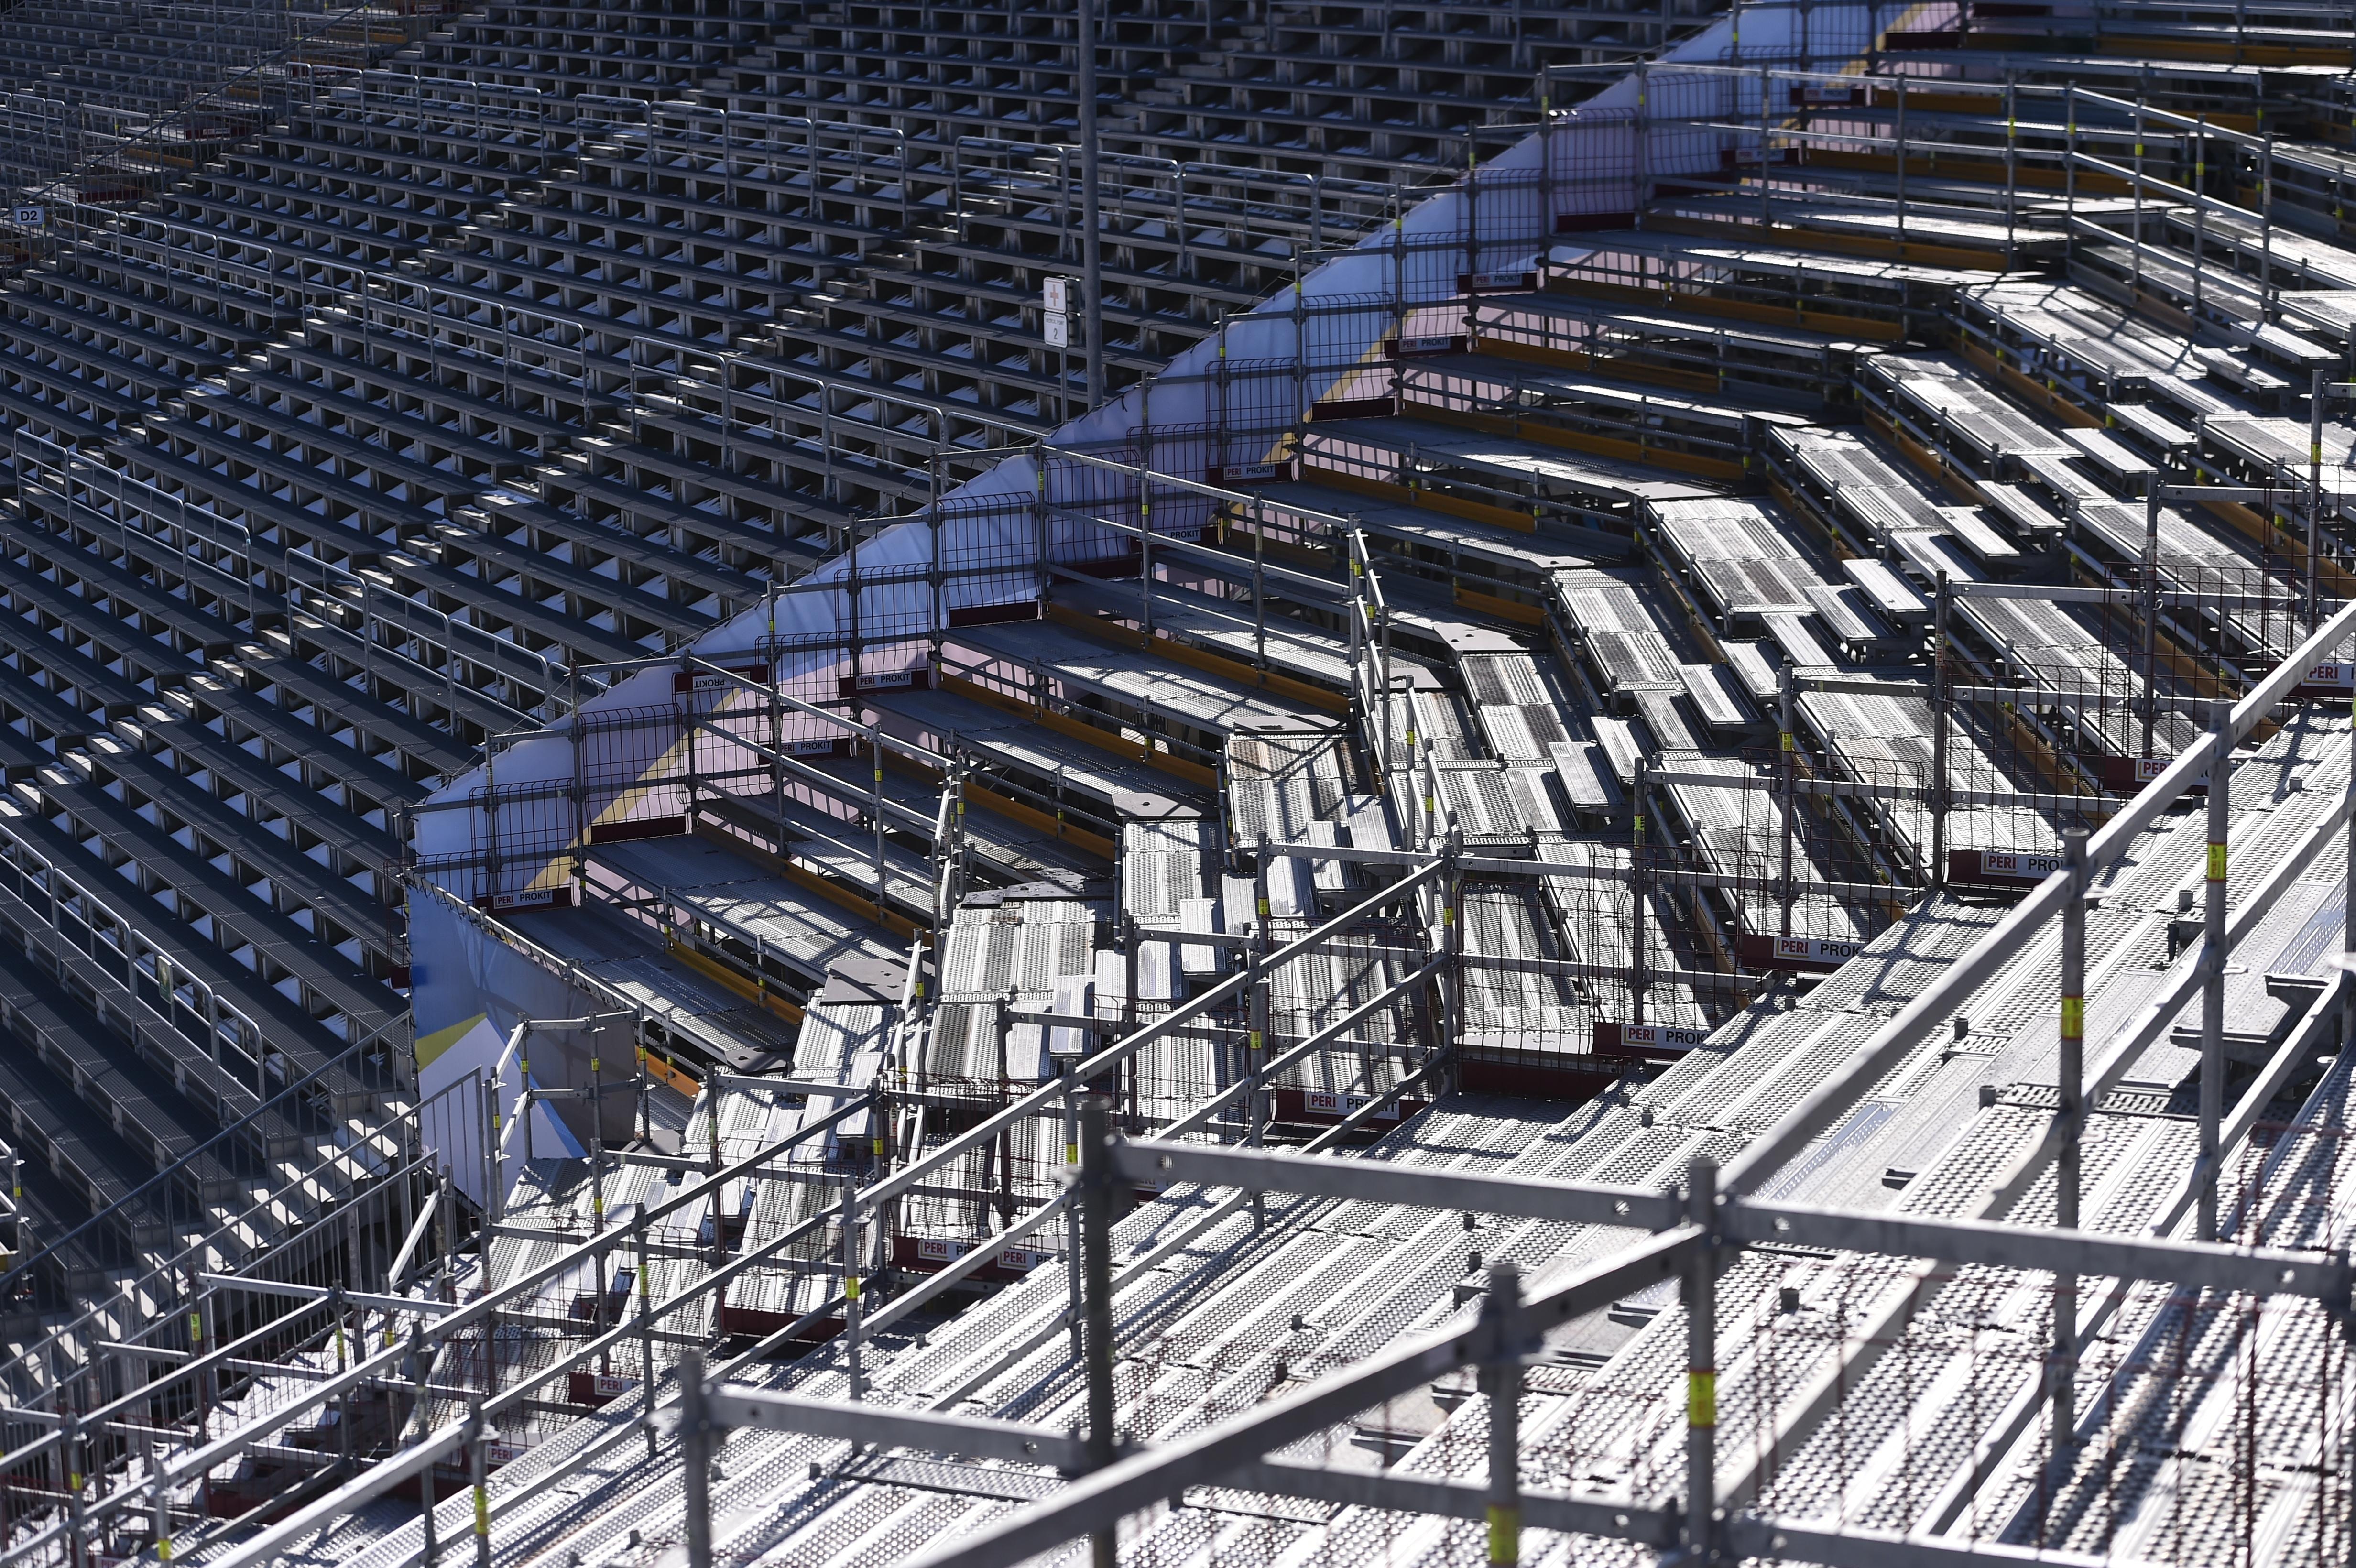 Этап Кубка мира по биатлону в Чехии пройдёт без зрителей. Фото © CTK / TASS / Lubos Pavlicek